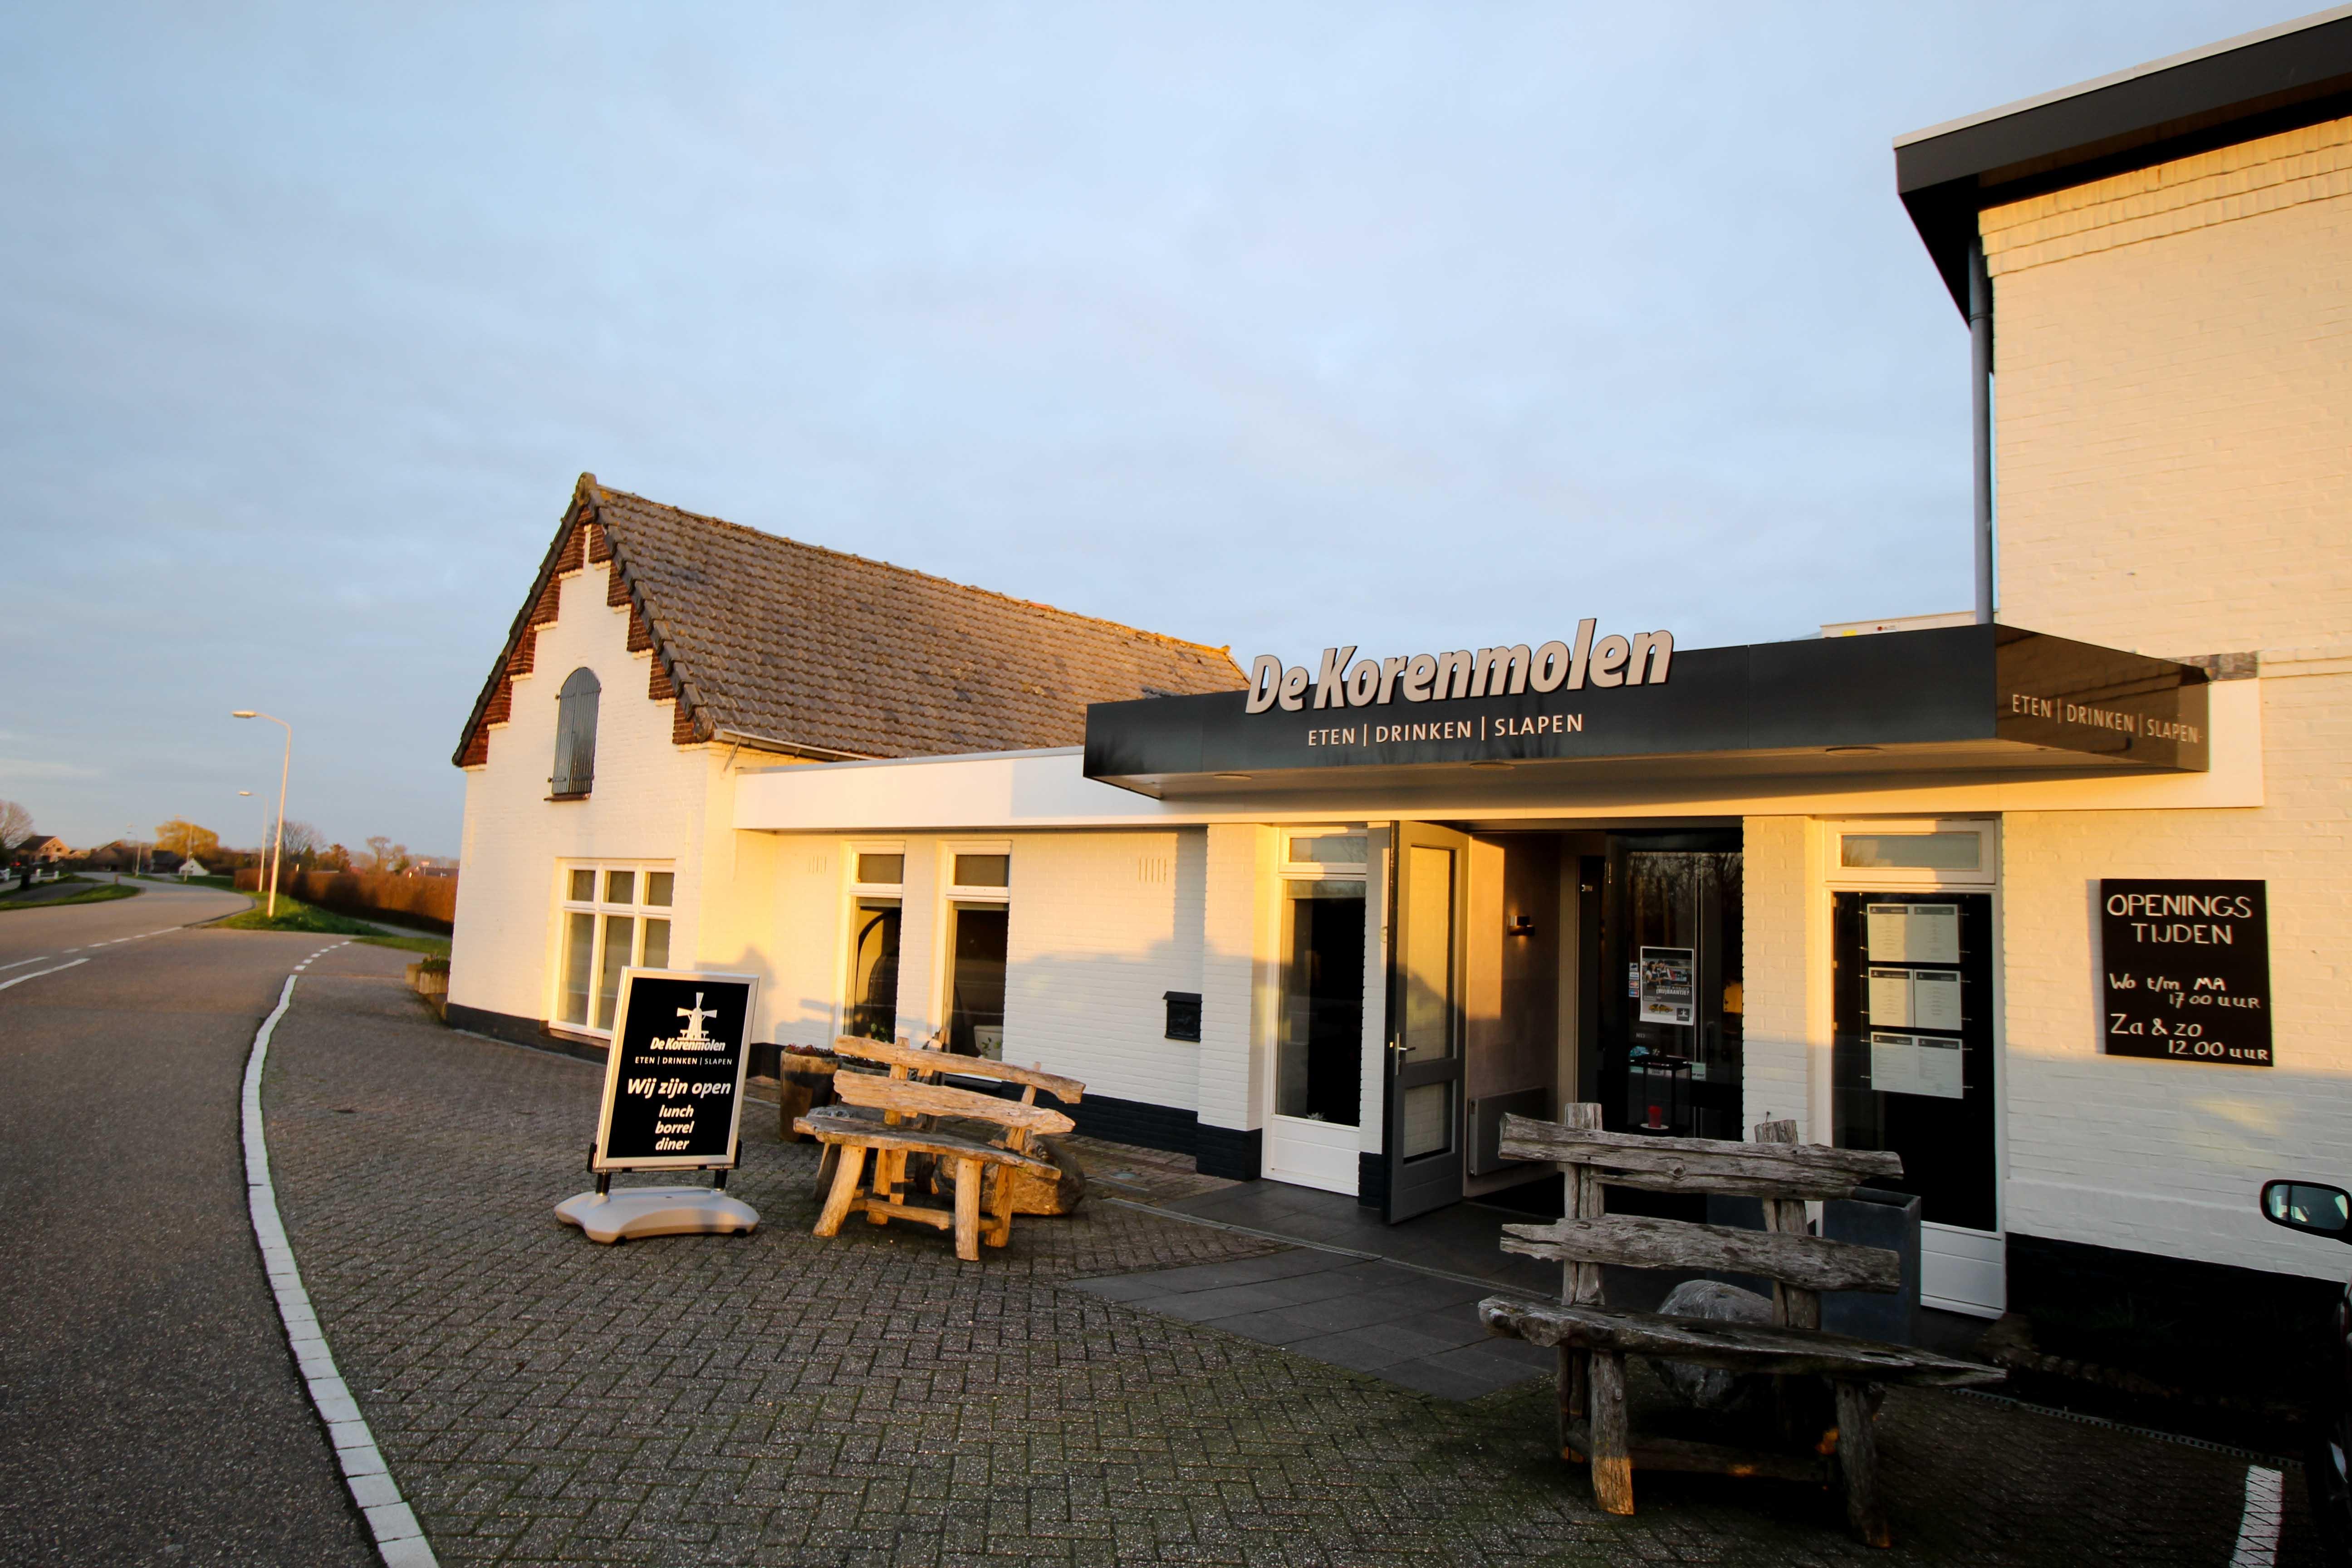 Holland Wochenendtrip Dinner in De Korenmolen in Appeltern das andere Holland Reiseblog Ausflug von Deutschland Restaurant Empfehlung